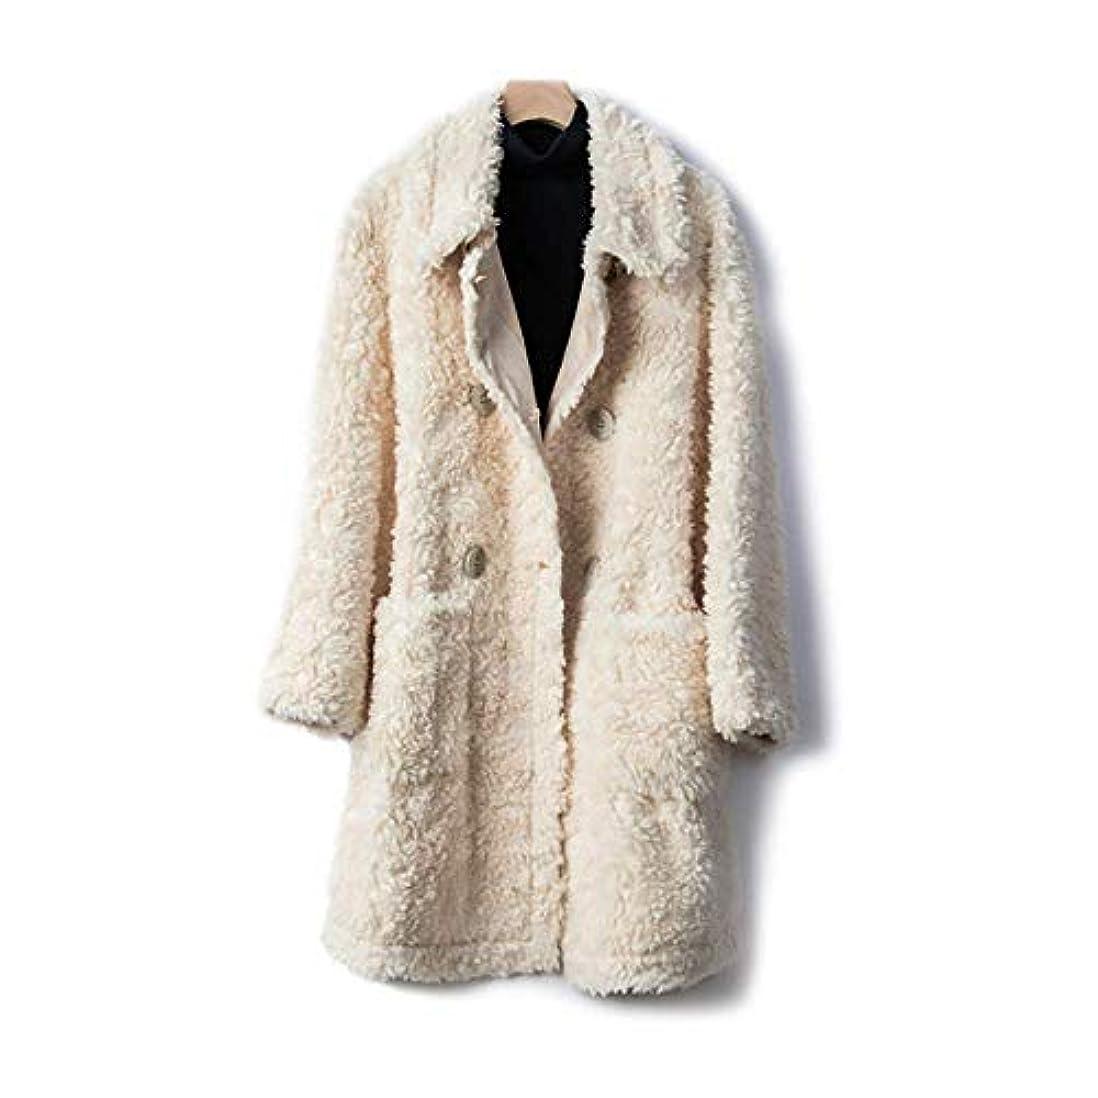 アダルト助けになる非効率的なウールコート、ダブルブレストウールコートコート19秋と冬婦人服婦人ジャケット婦人コート婦人ウインドブレーカージャケット,D,M